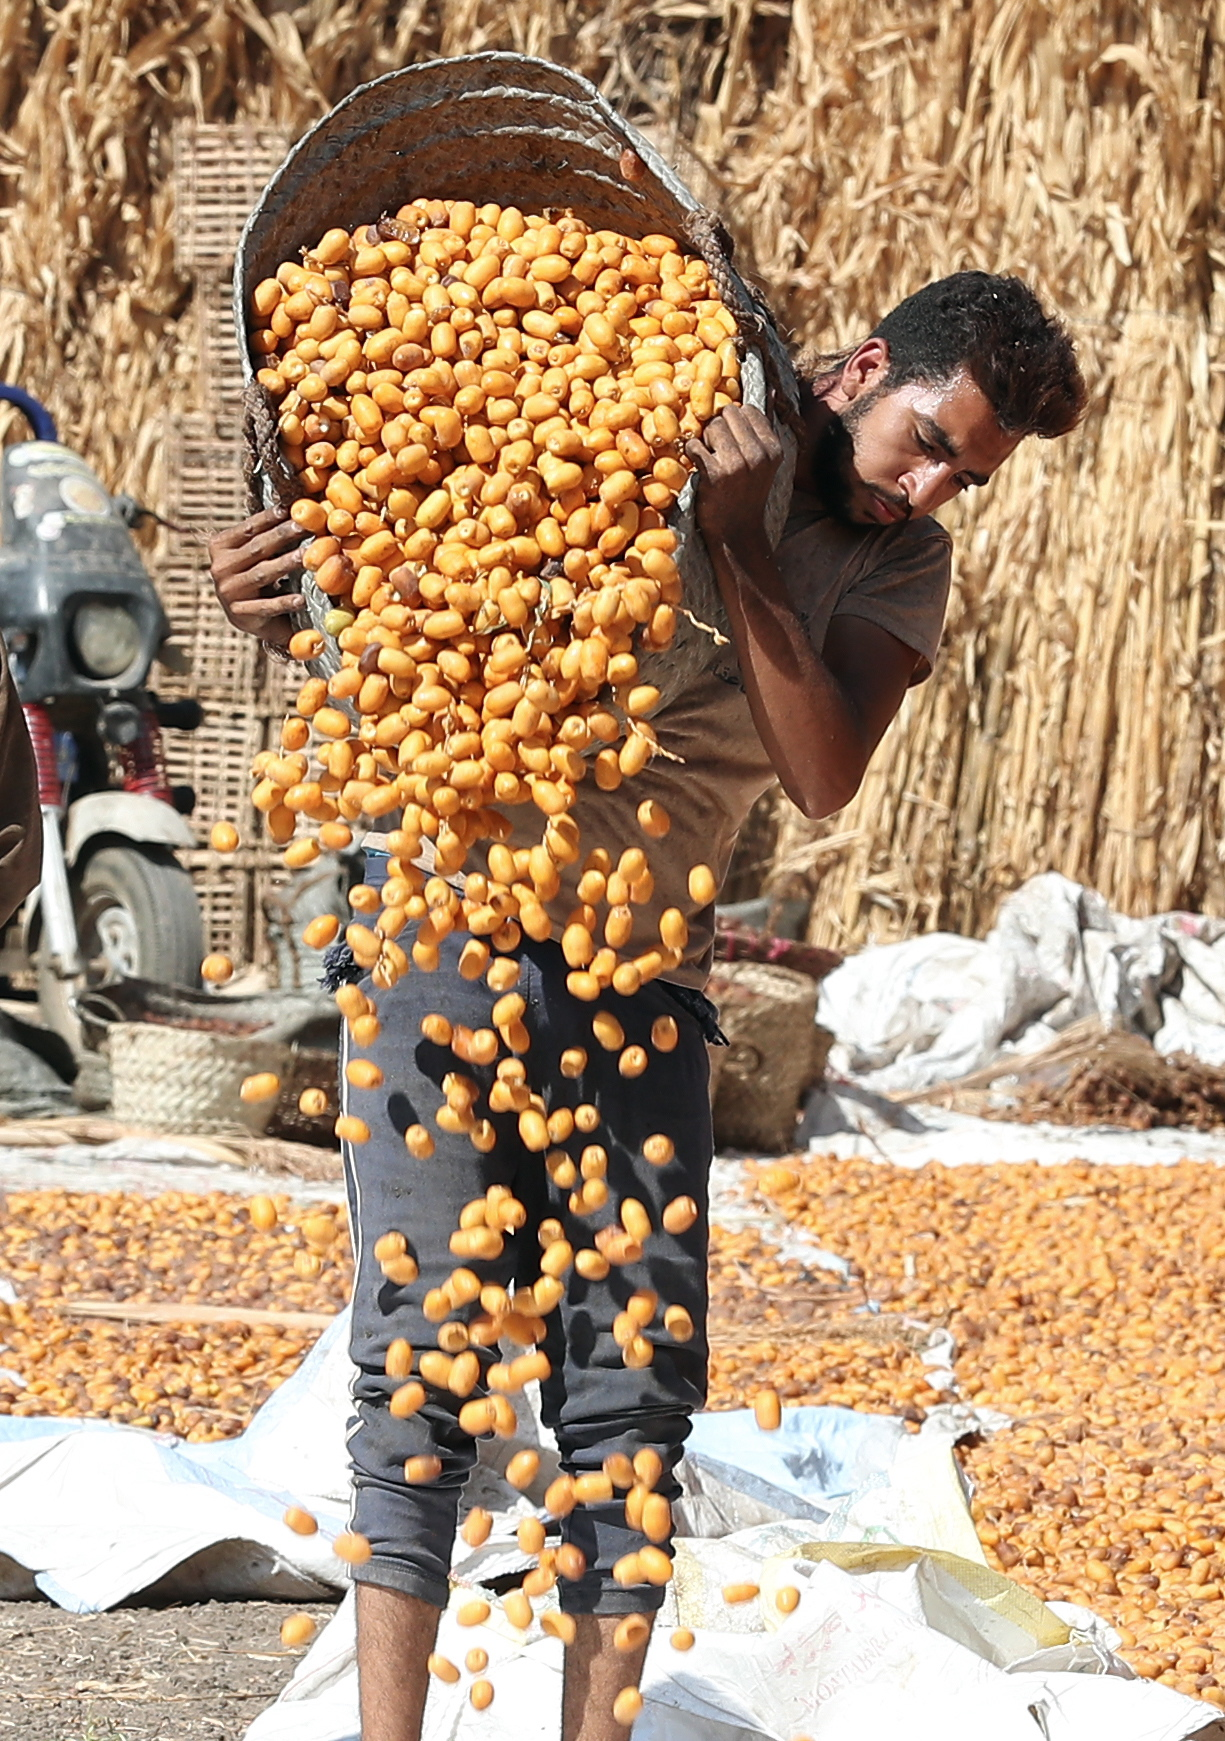 埃及椰枣丰收图